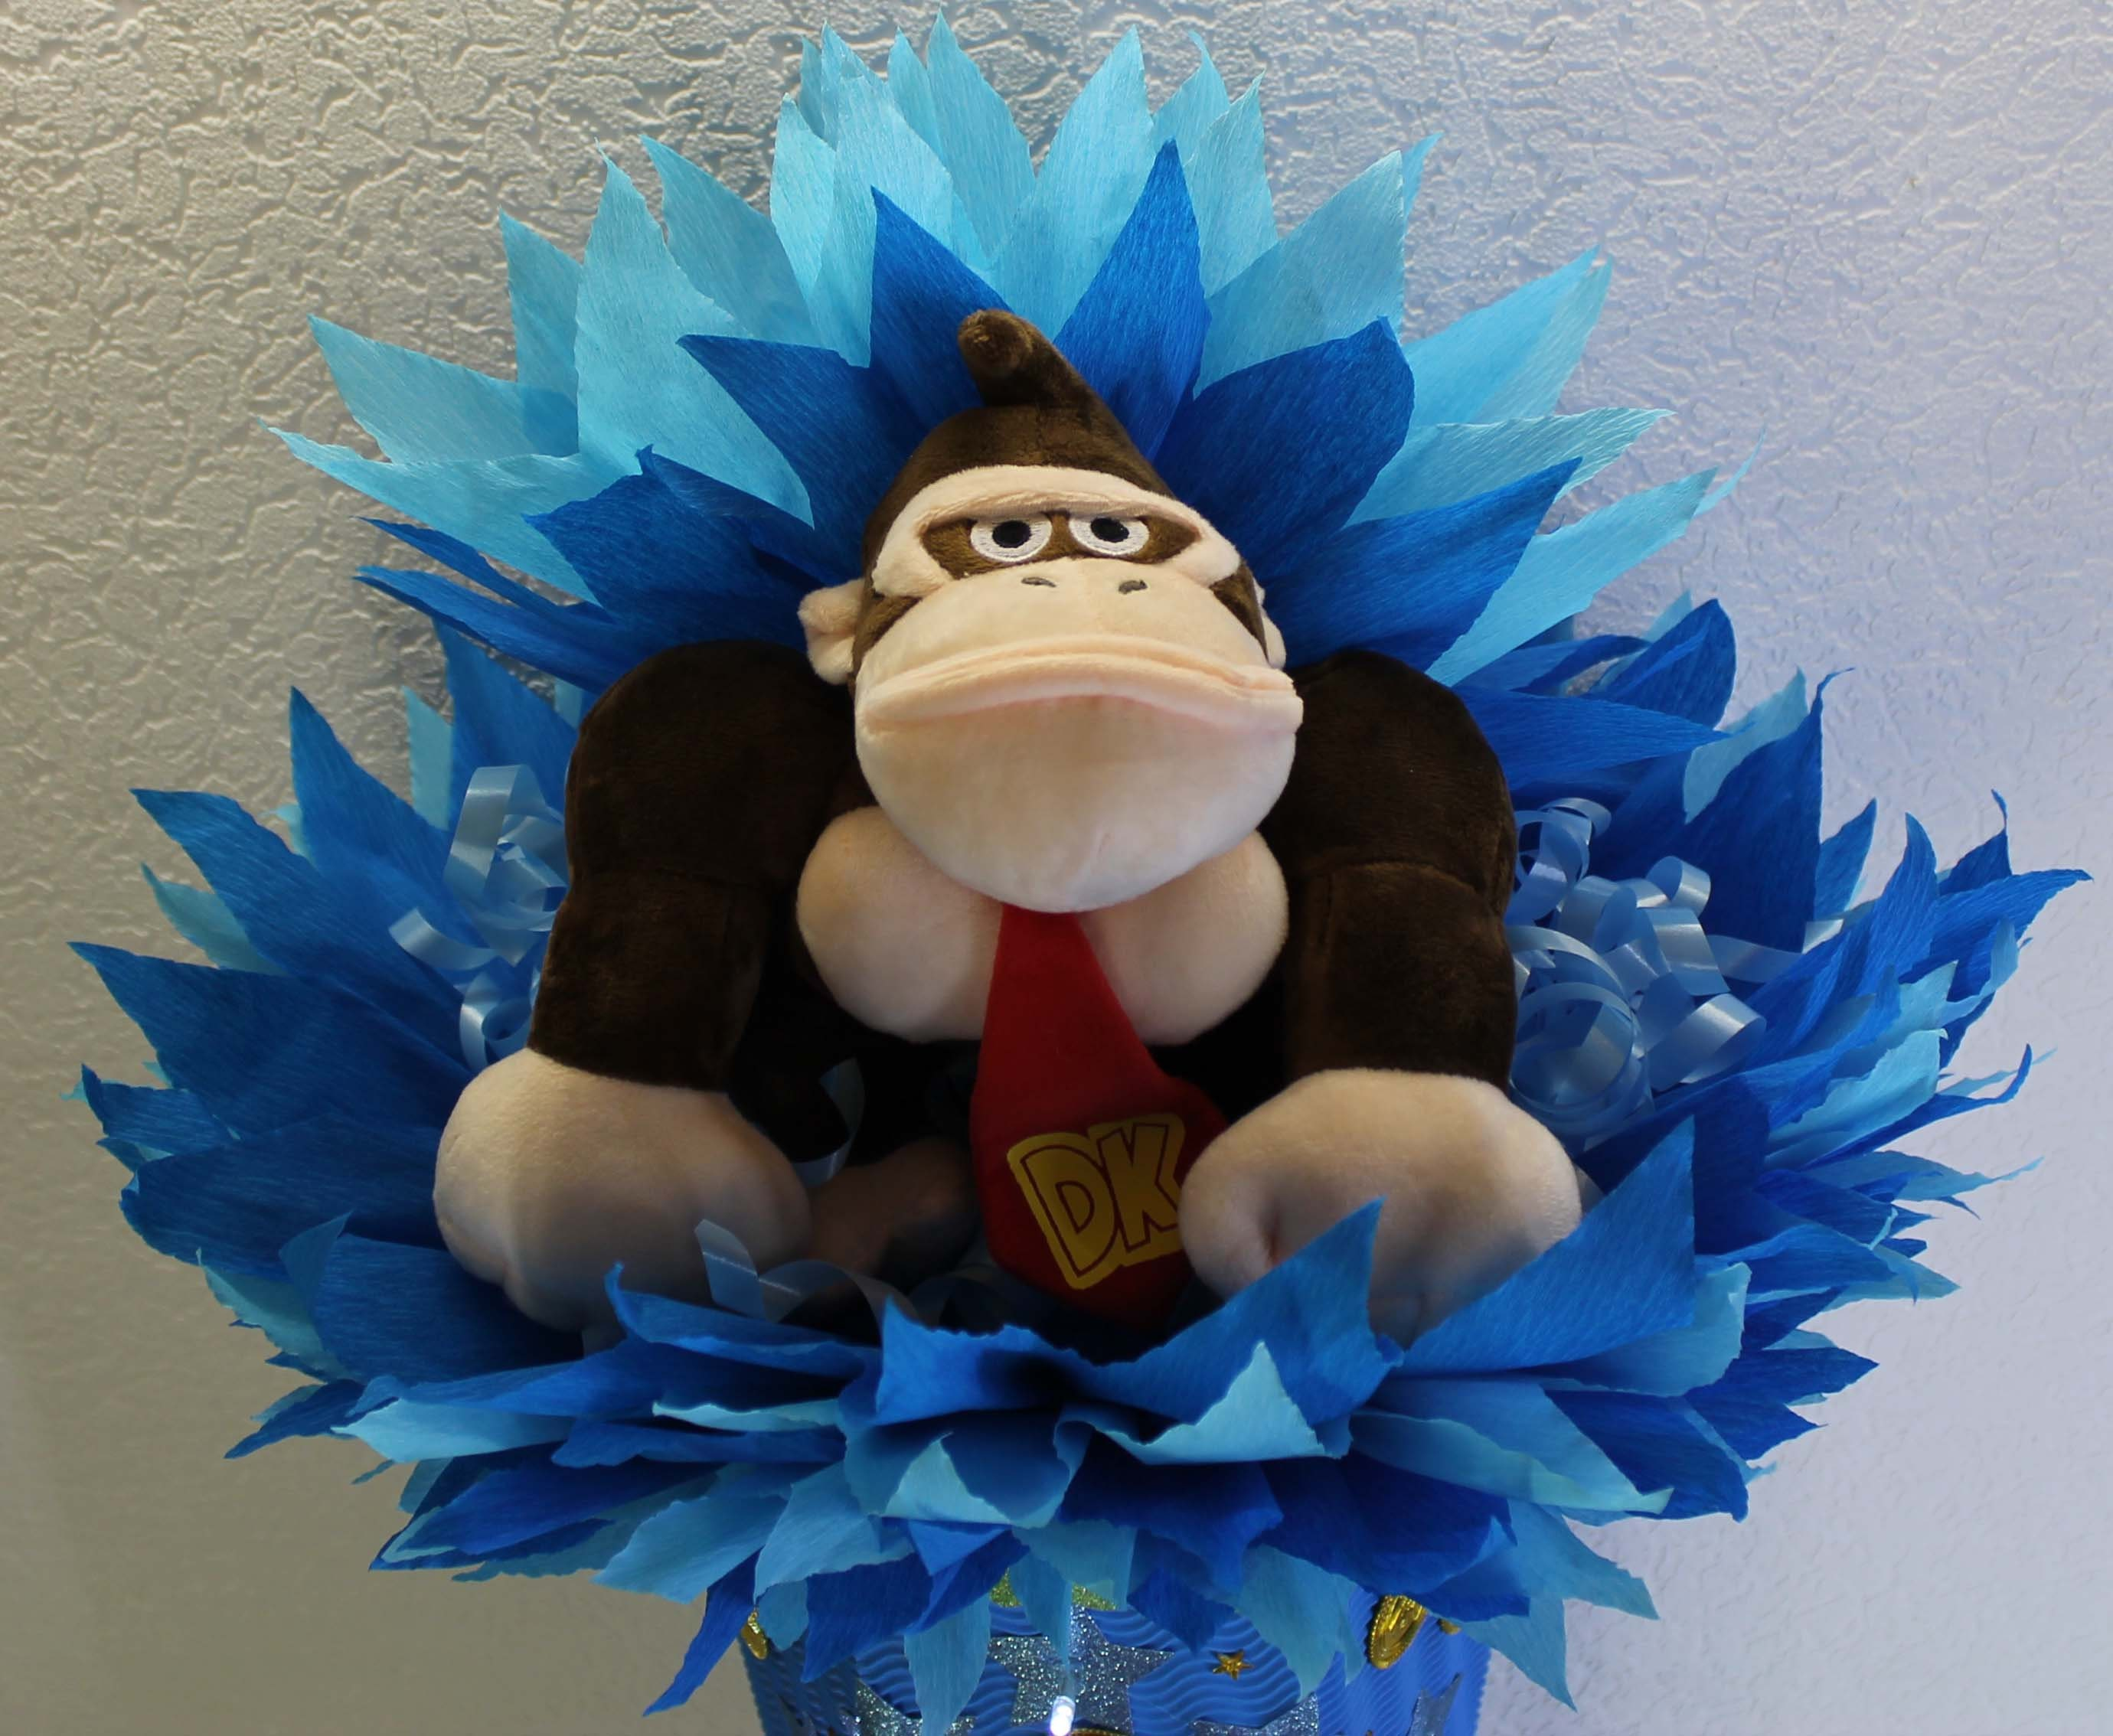 xxl schultüte zuckertüte super mario luigi joshi monkey in